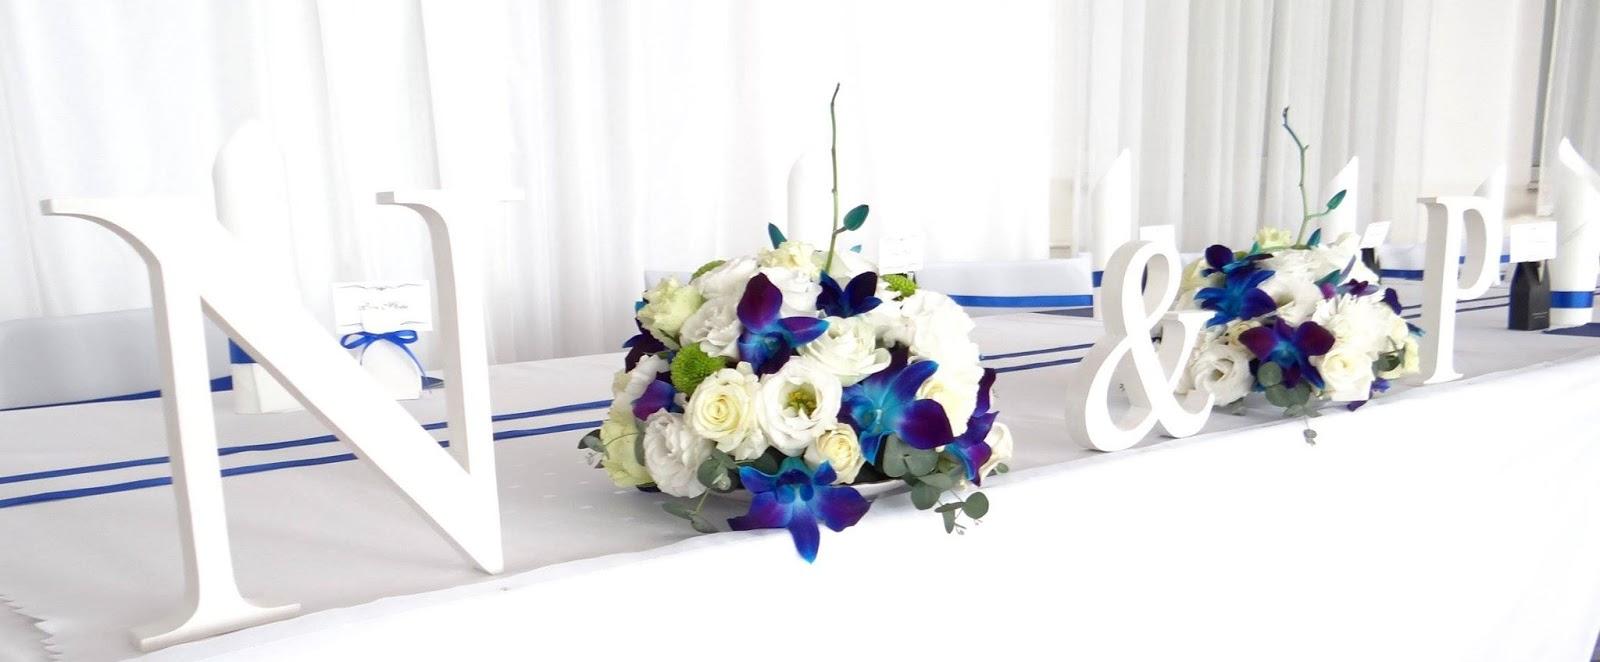 bb7a2ffa252933 Na stole znalazły się kwiaty w wazonach martini, które stały na lustrach.  Dodatkowymi elementami dekoracyjnymi były świece oraz pudełeczka dla gości.